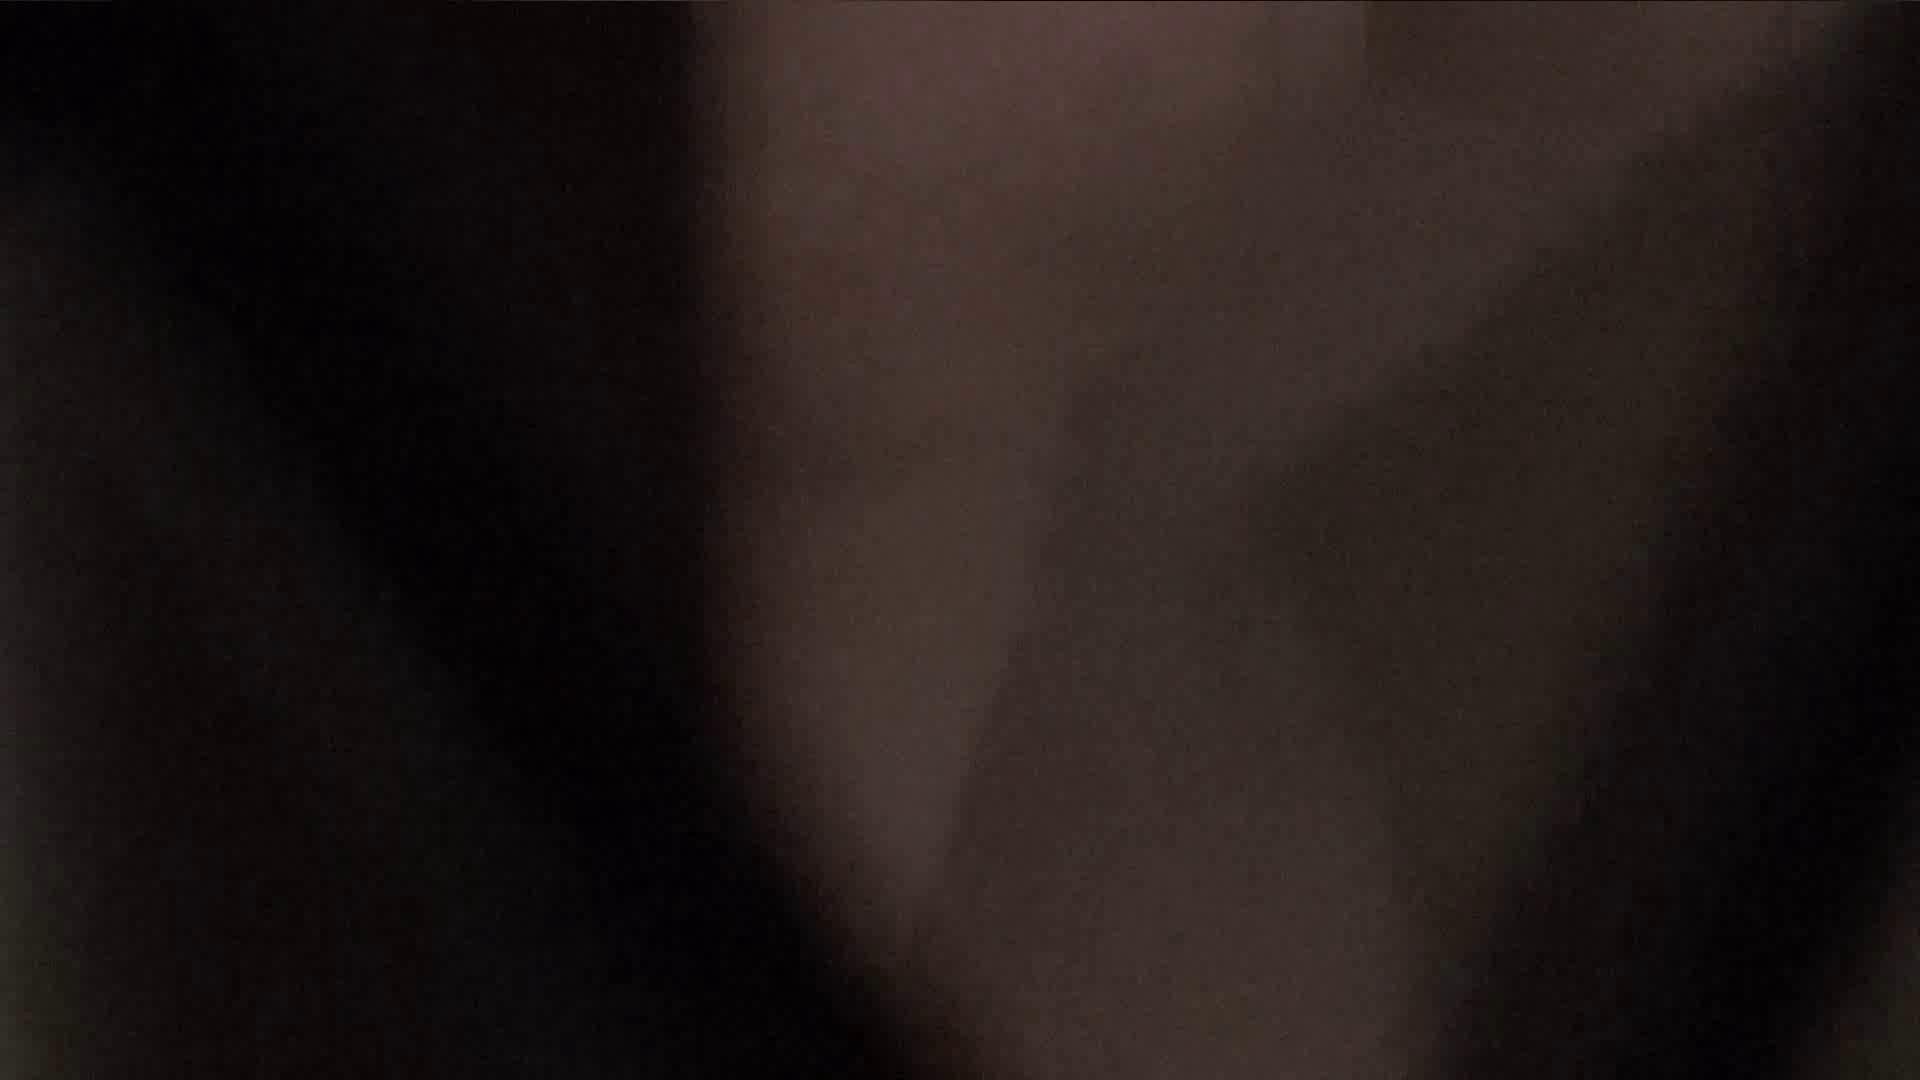 民家の騎士さんの最後の性戦ハイビジョン!!No.66 洗面所 | 民家ハメ撮り  94pic 23